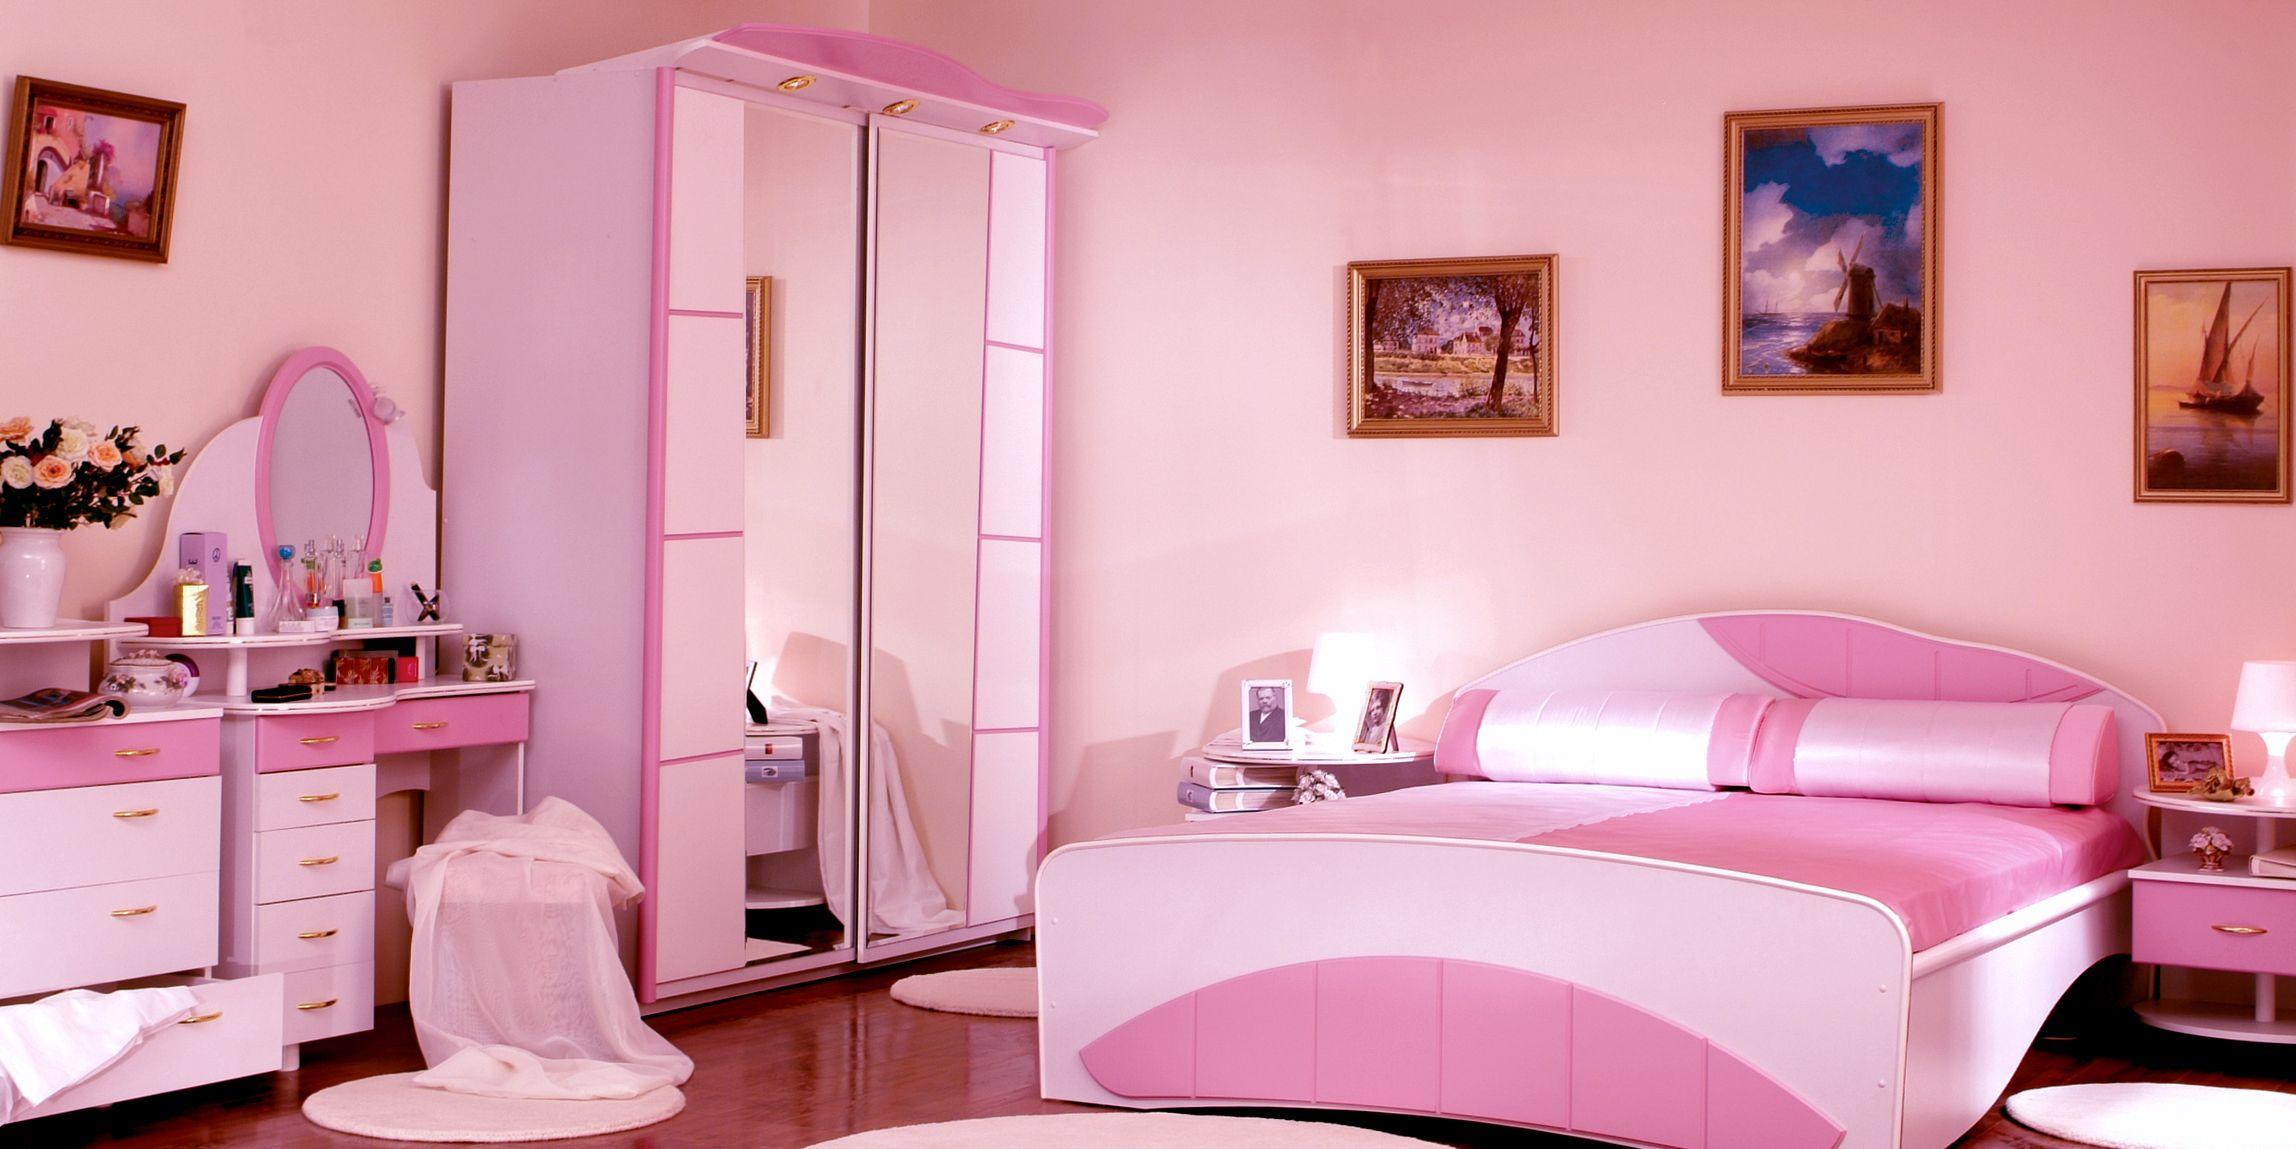 Интерьер комнаты для девушки в розовых тонах